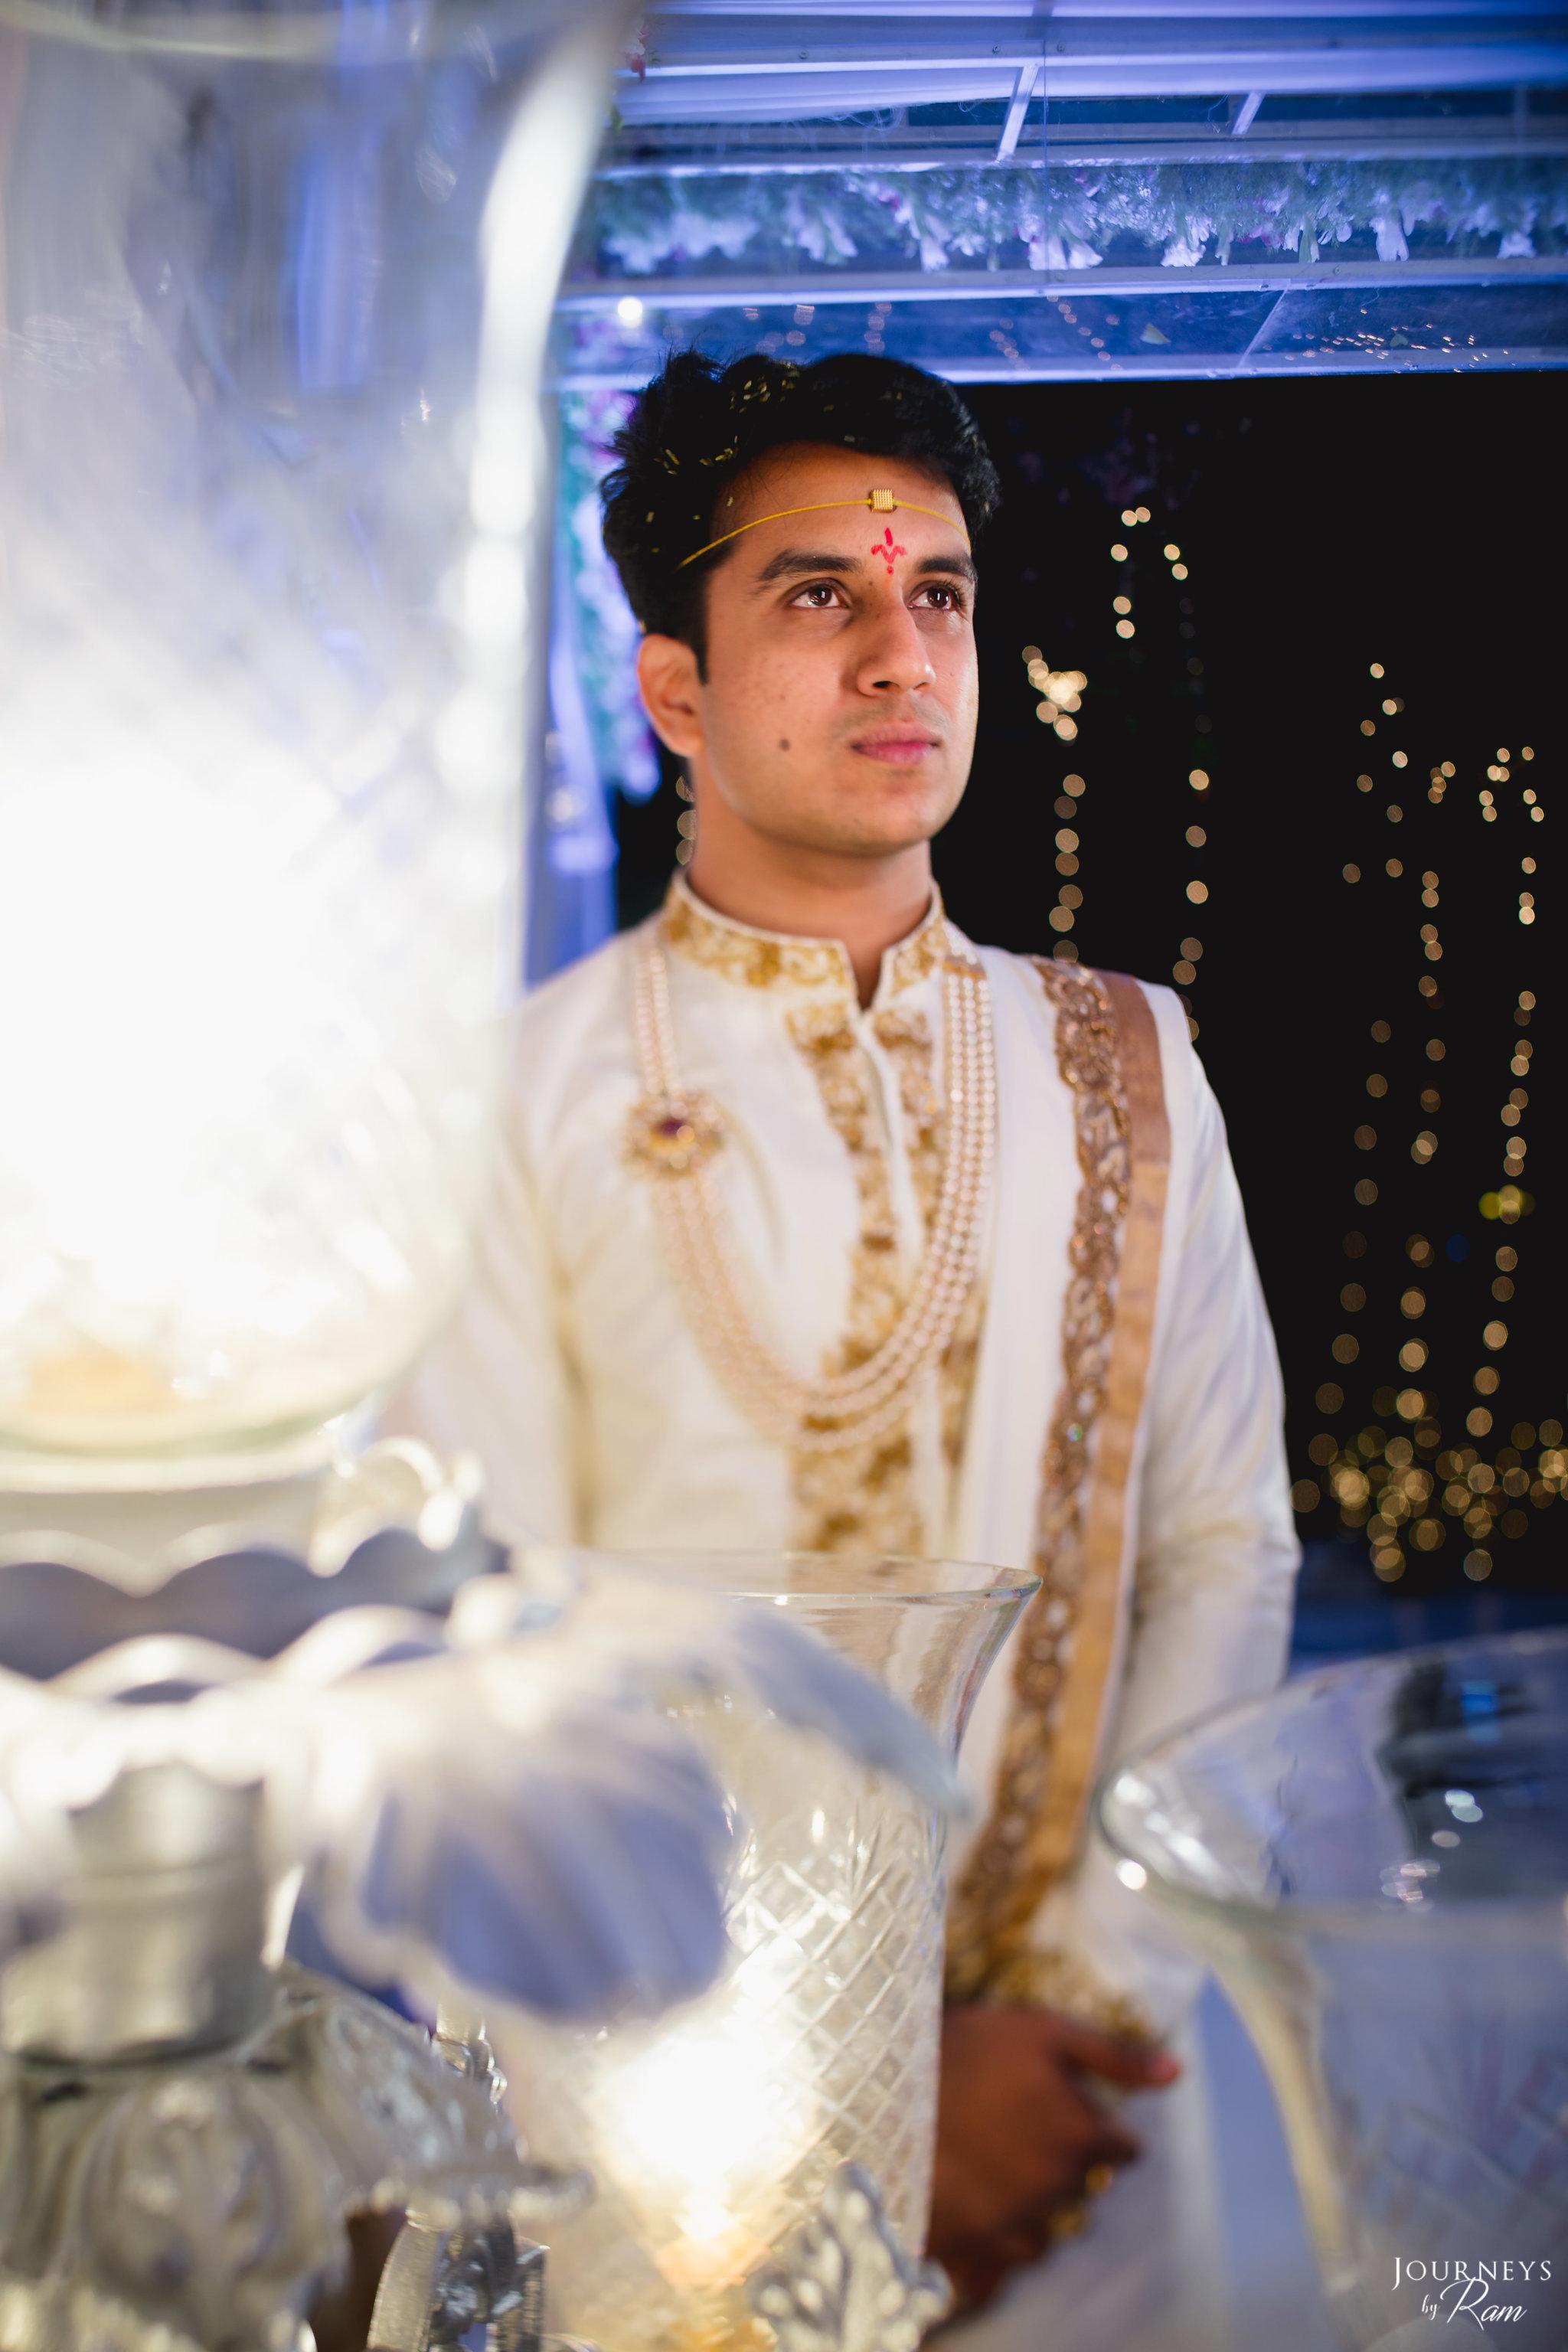 Telugu-groom-wedding-outfit.jpg